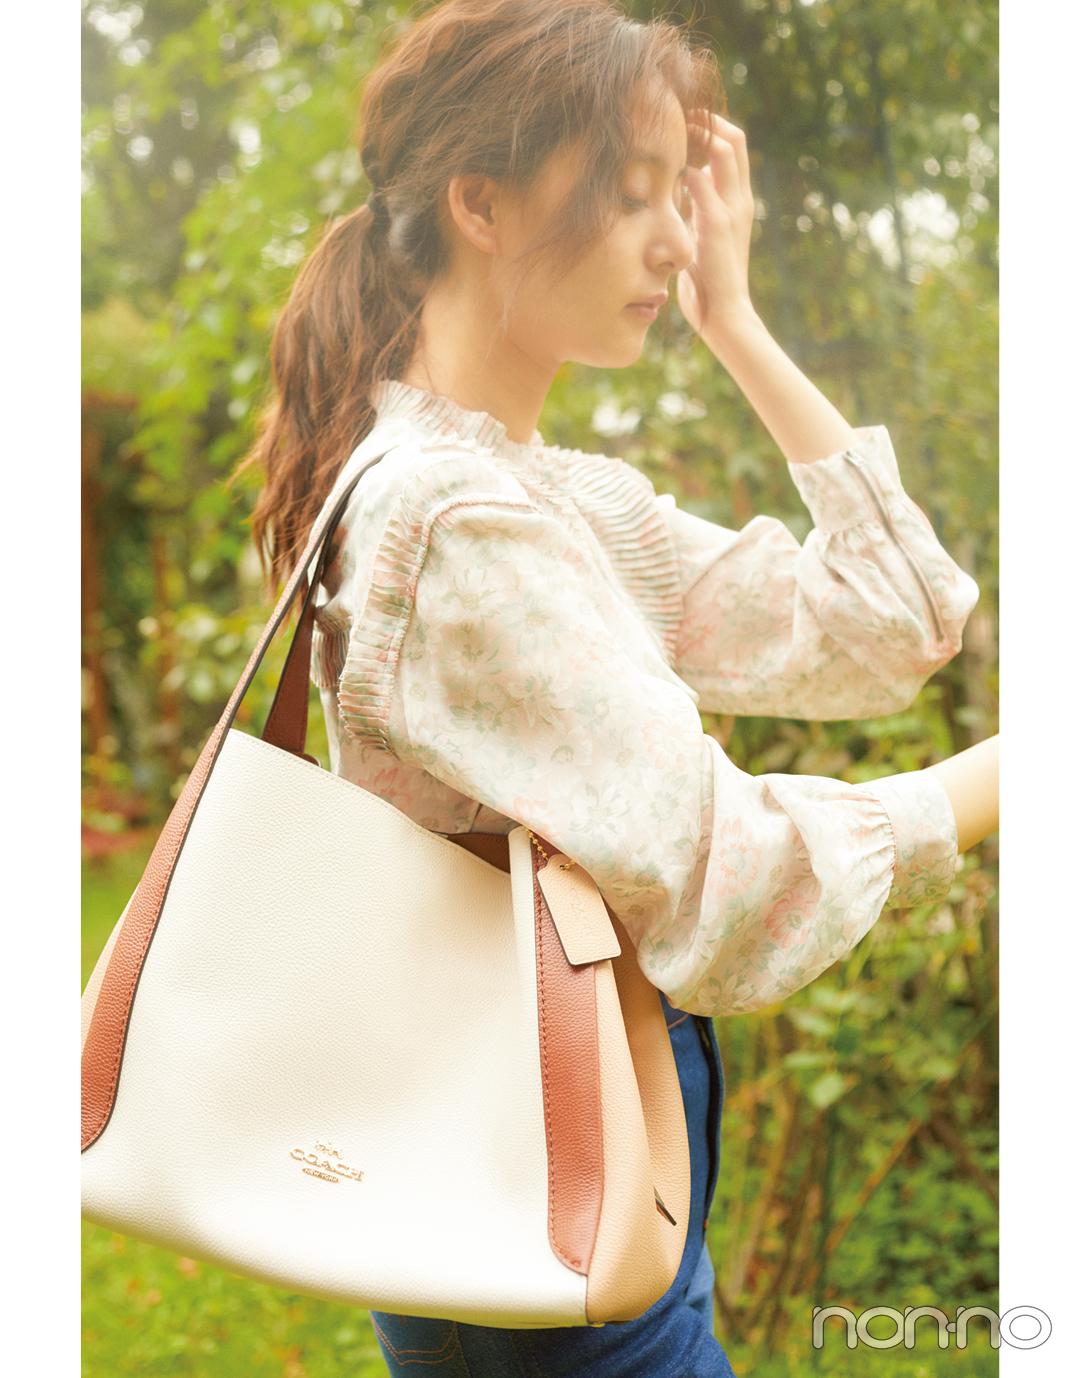 コーチの新作バッグは上品ベージュが本命★ 日本限定バッグも!【20歳からの名品】_1_2